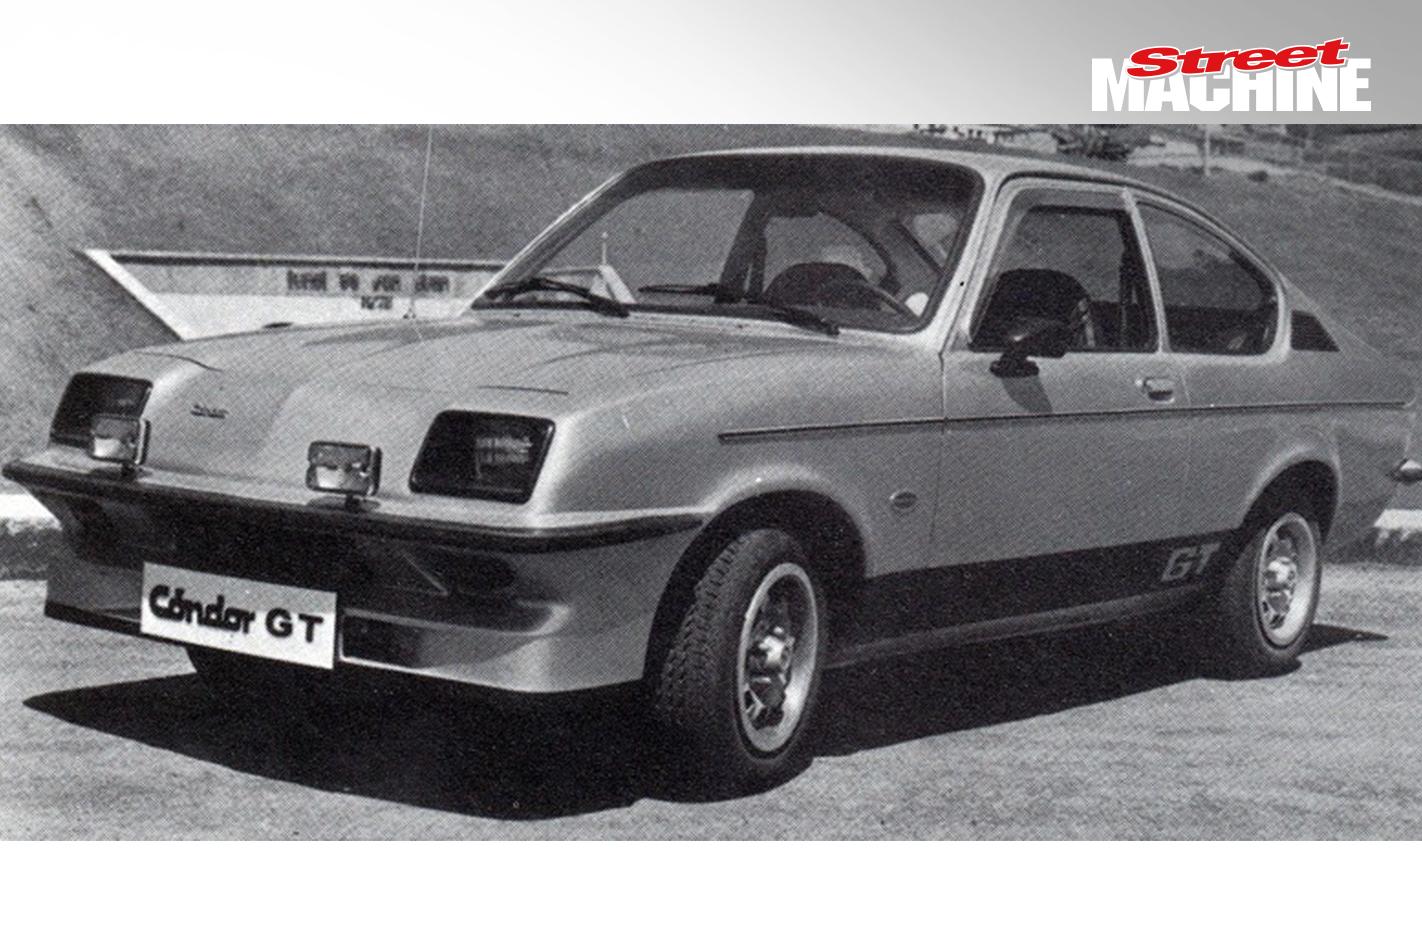 Condor GT Gemini